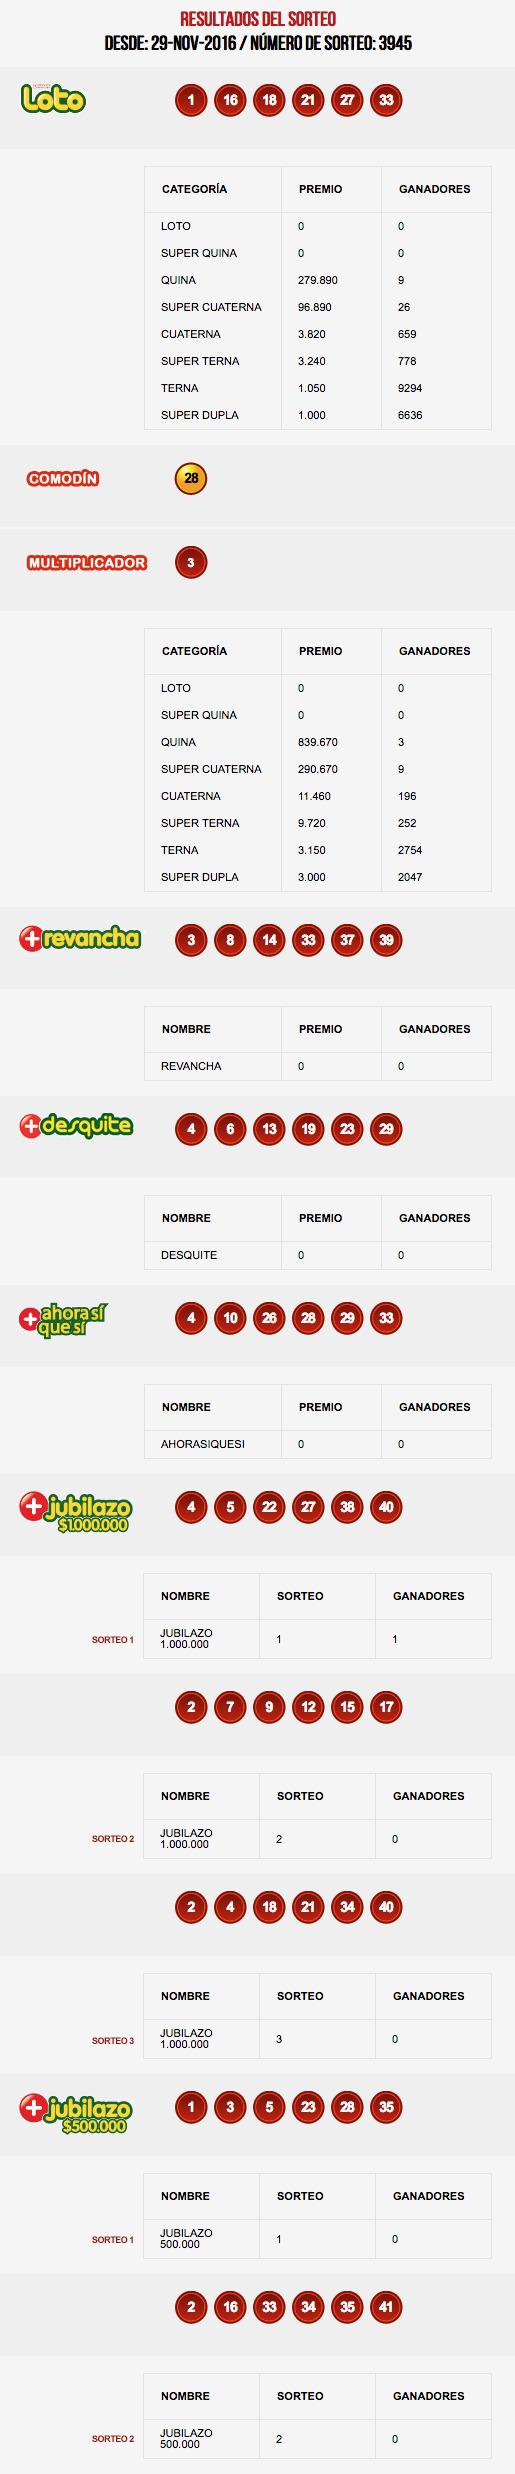 resultados-loto-chile-sorteo-3945